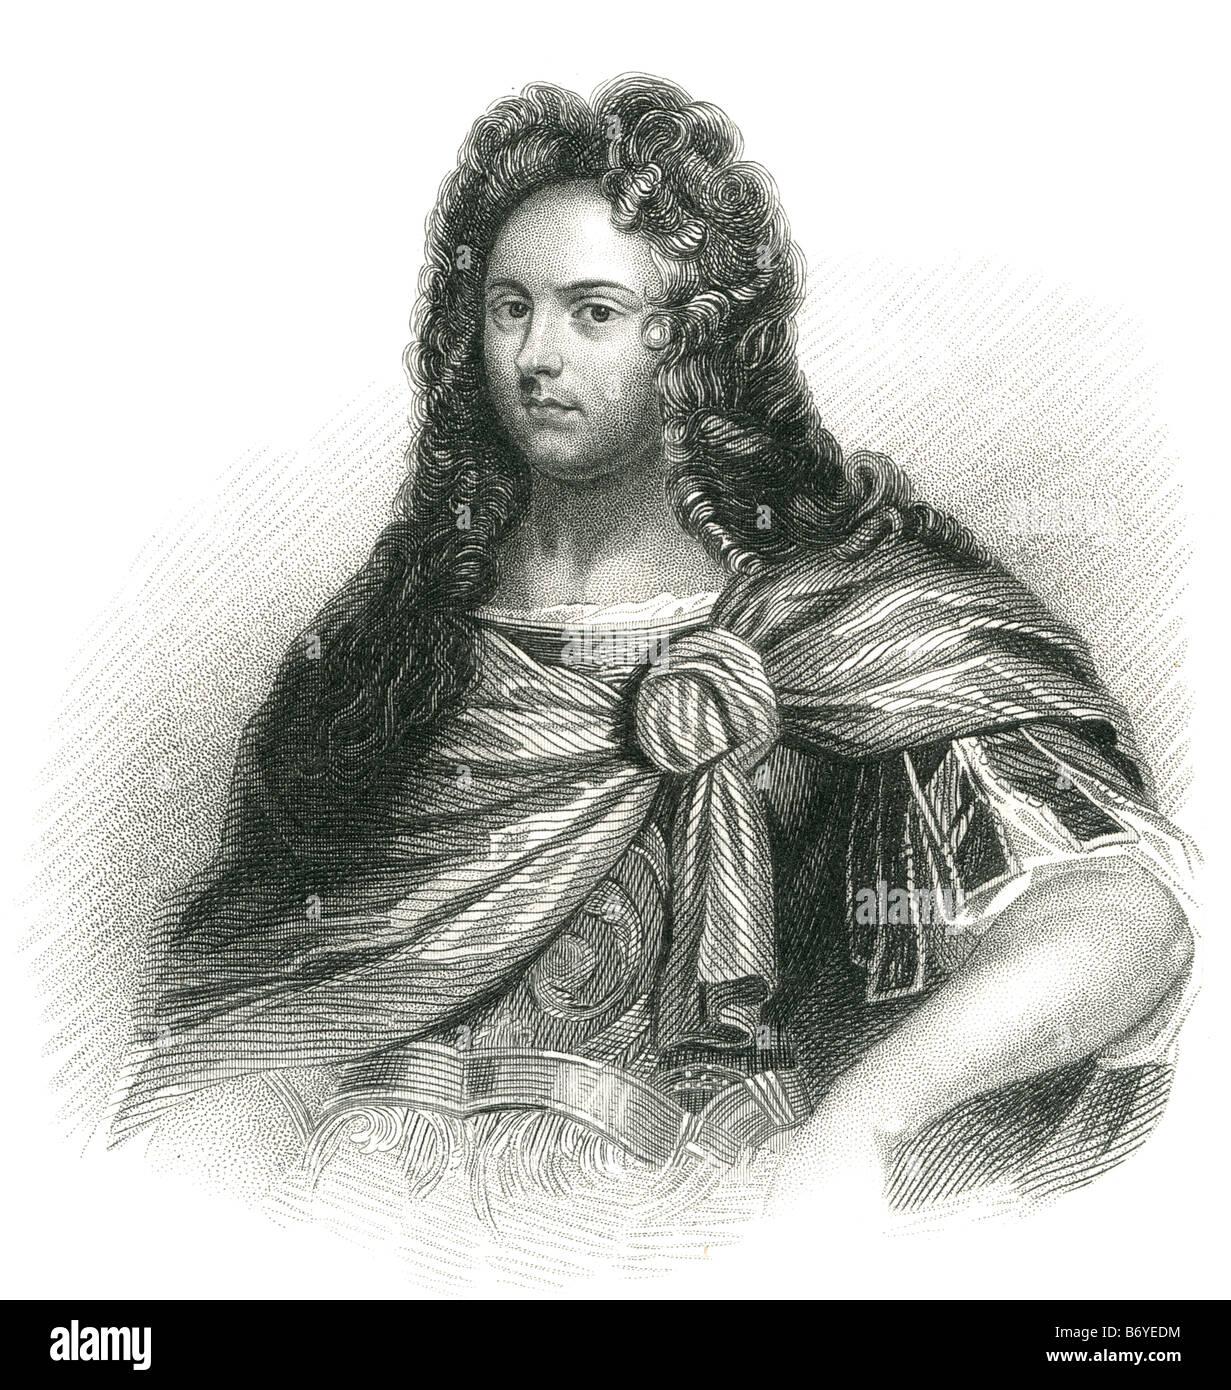 Archibald campbell argyll 1st duke of 1703 - Stock Image